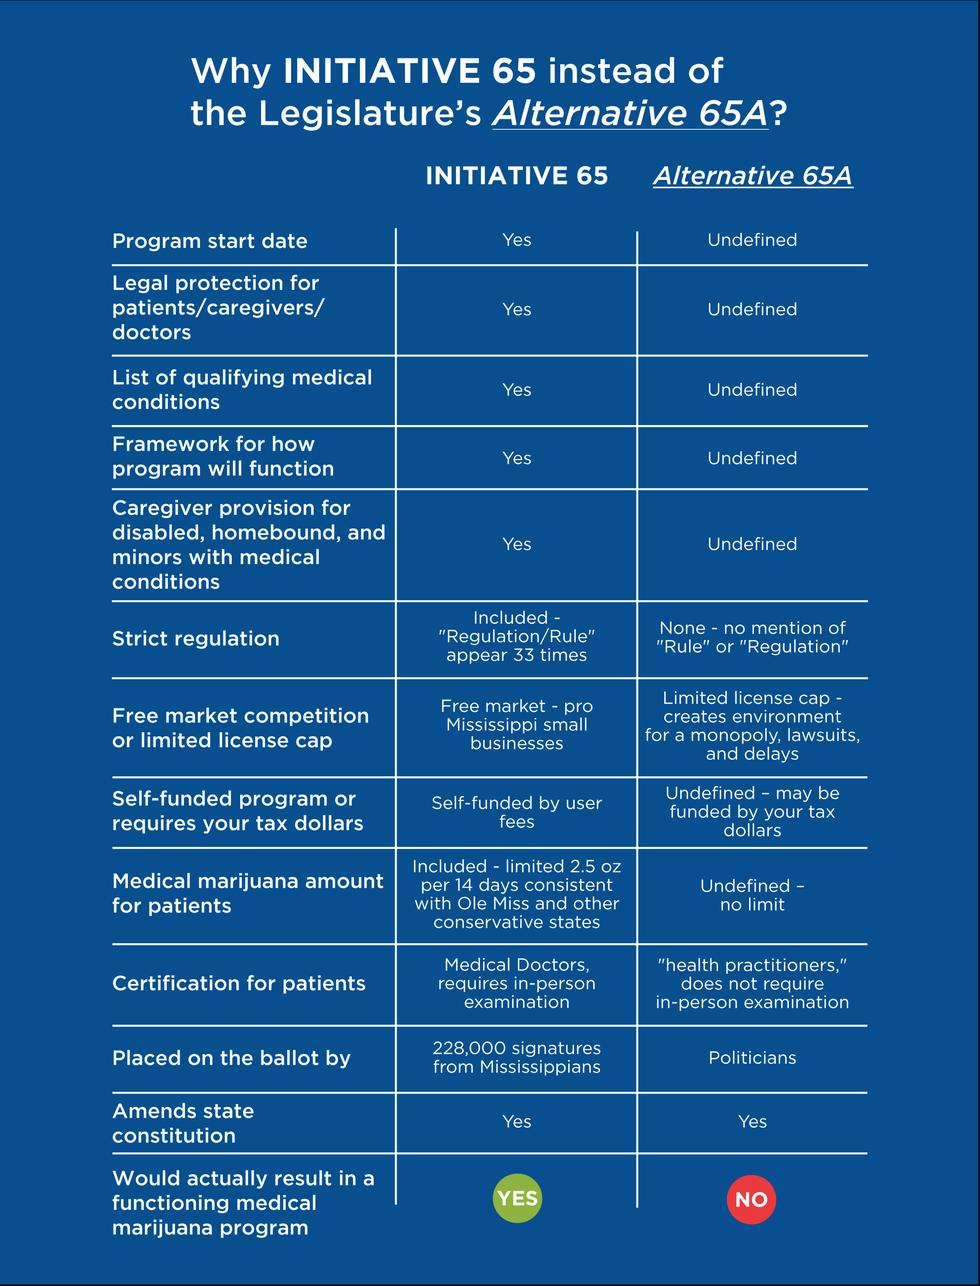 A comparison chart showing Initiative 65 versus Alternative 65A